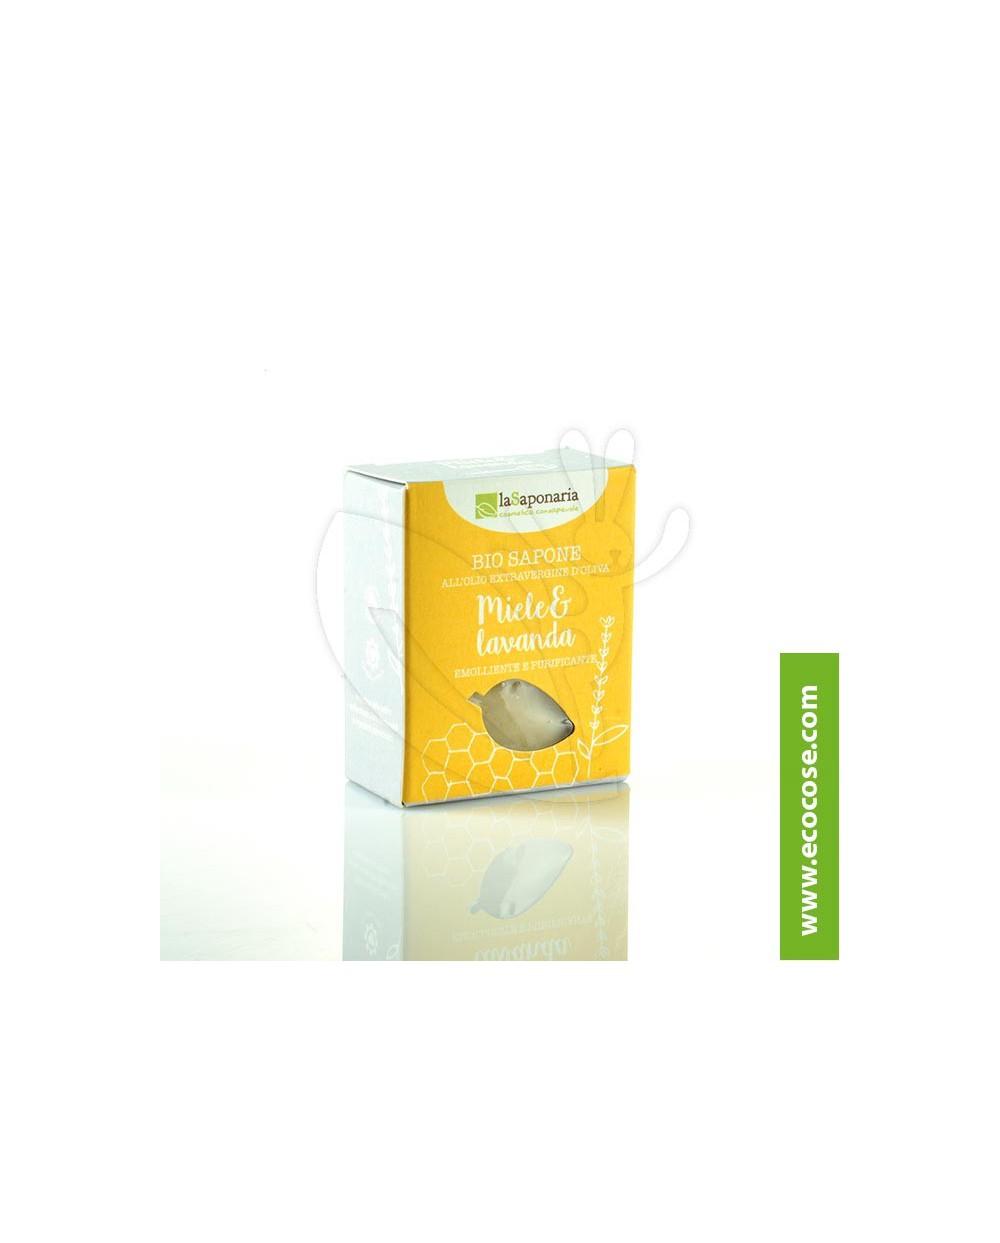 La Saponaria - Sapone miele e lavanda